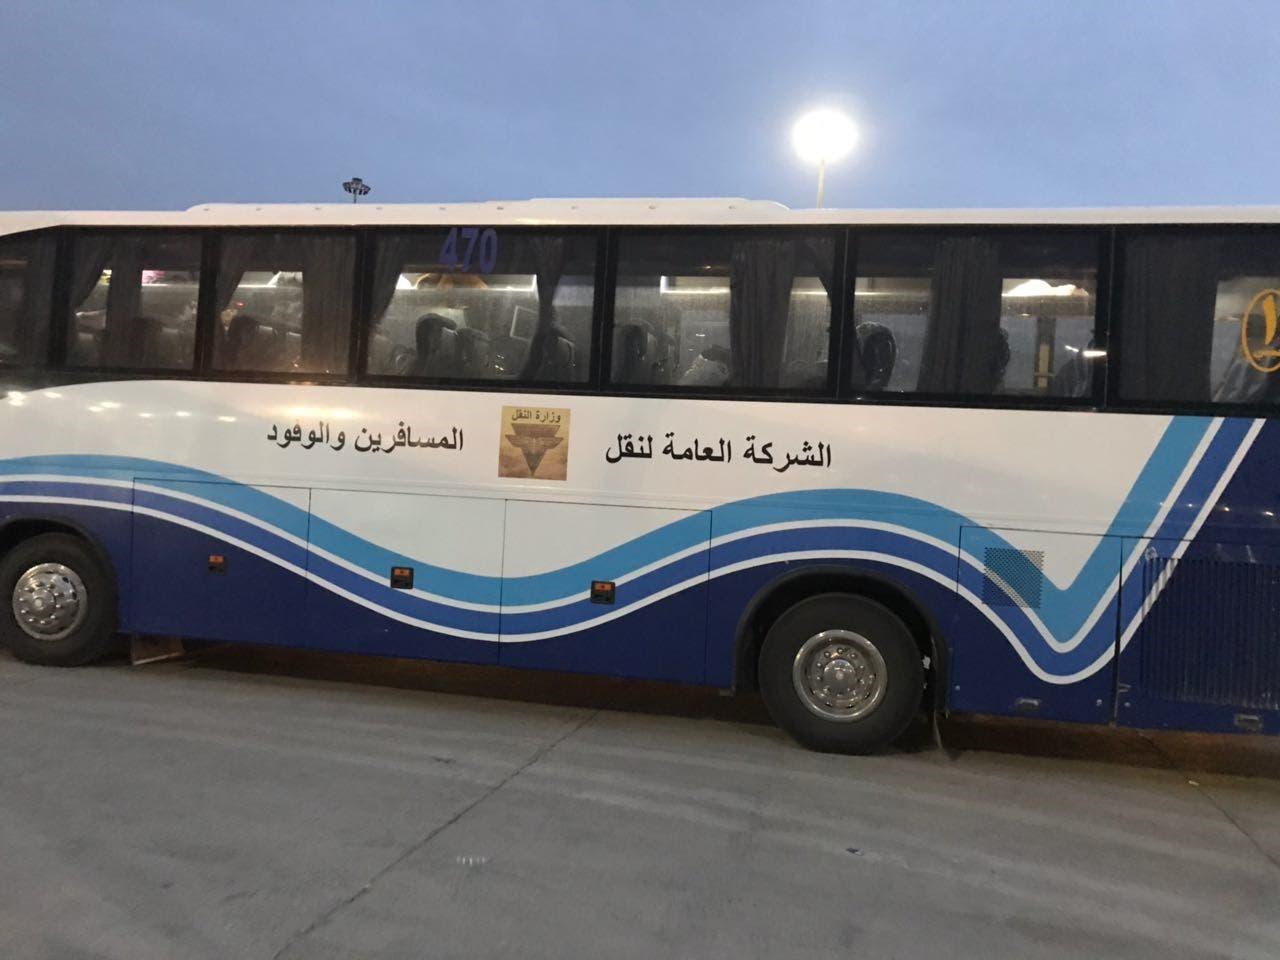 حافلة لنقل النازحين العراقيين العائدين من تركيا إلى العراق